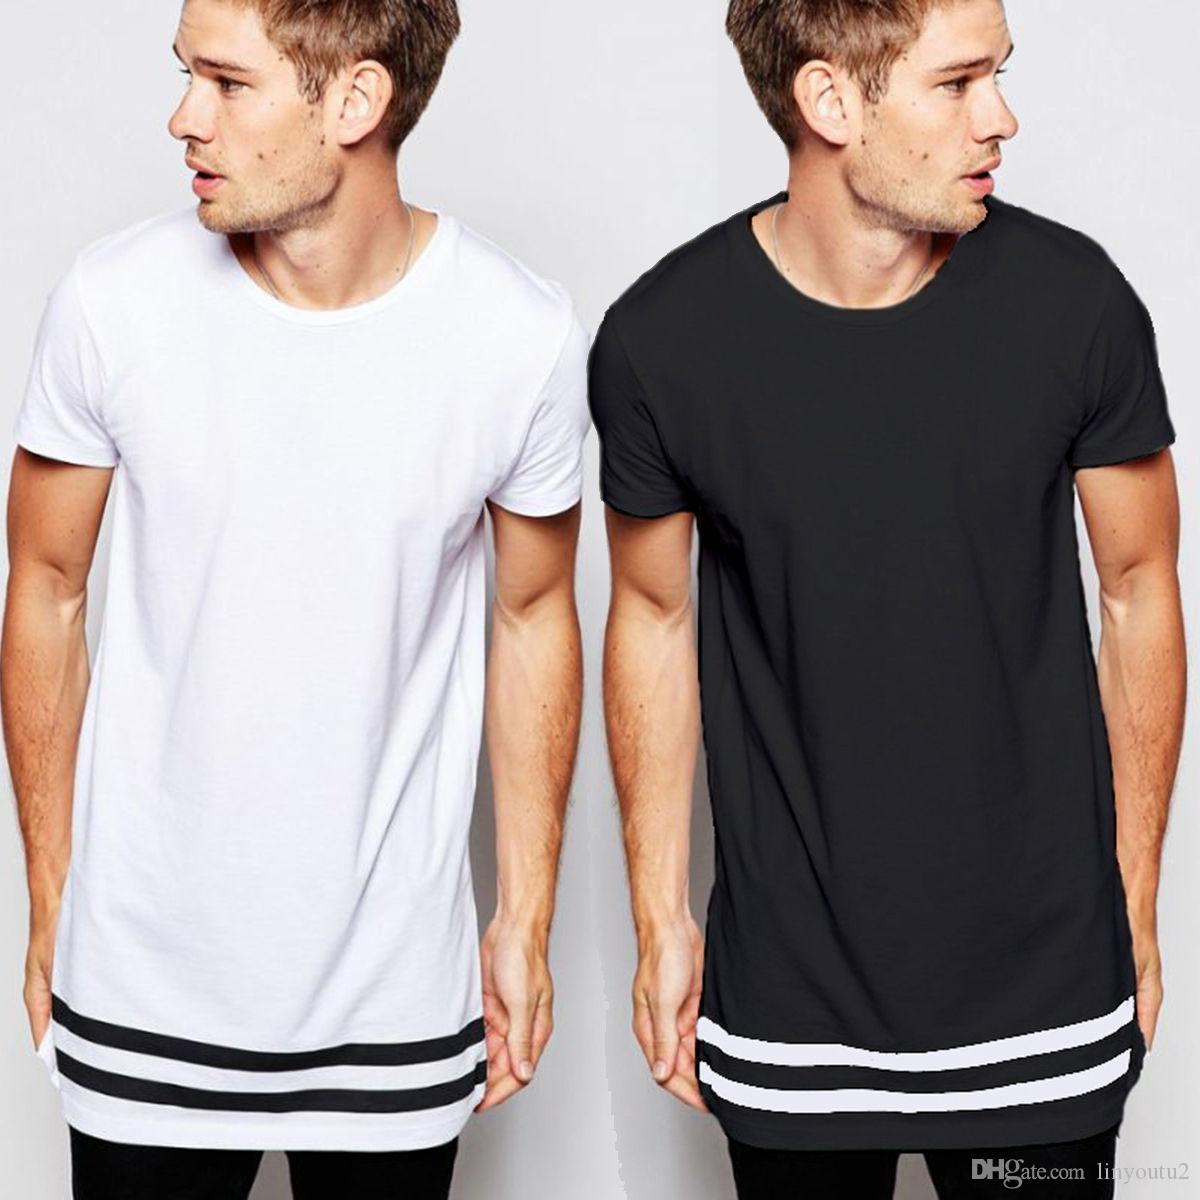 Maglietta lunga da uomo casual bianca lunga 2018 2018 Hip hop Maglietta nuovissima Abbigliamento Maglietta StreetWear Maglietta manica corta tinta unita